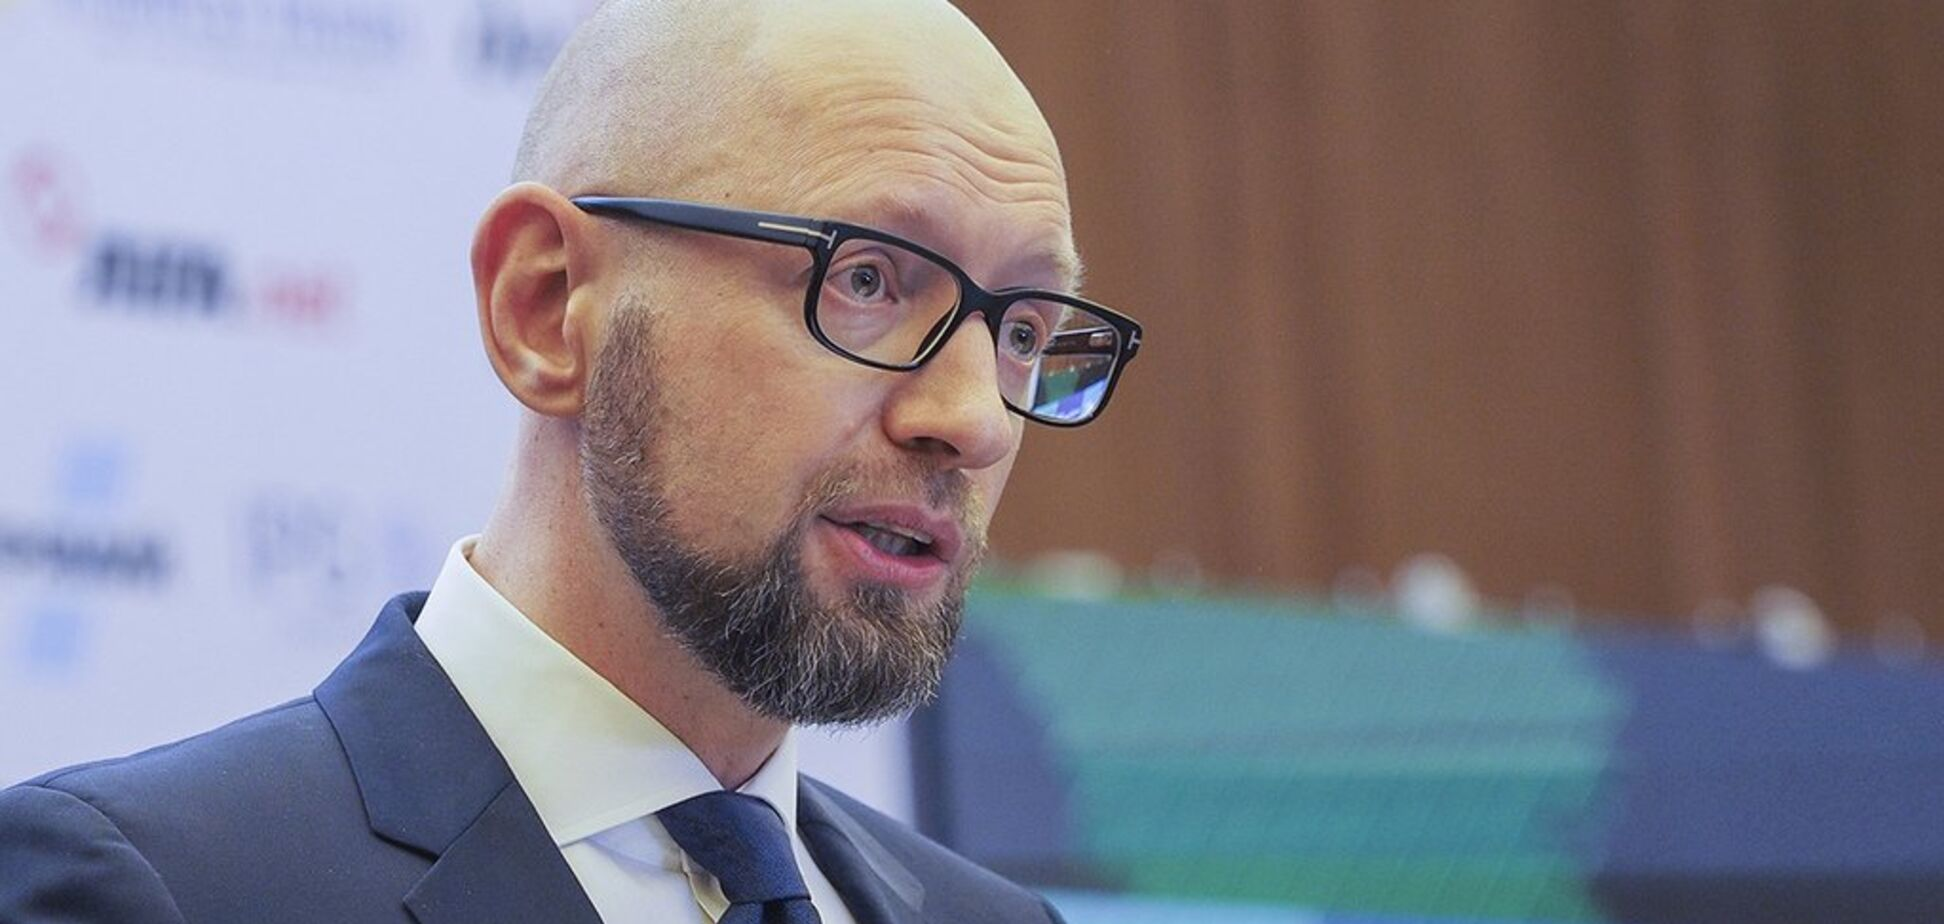 'Співчуваємо': у Яценюка трапилася трагедія у родині